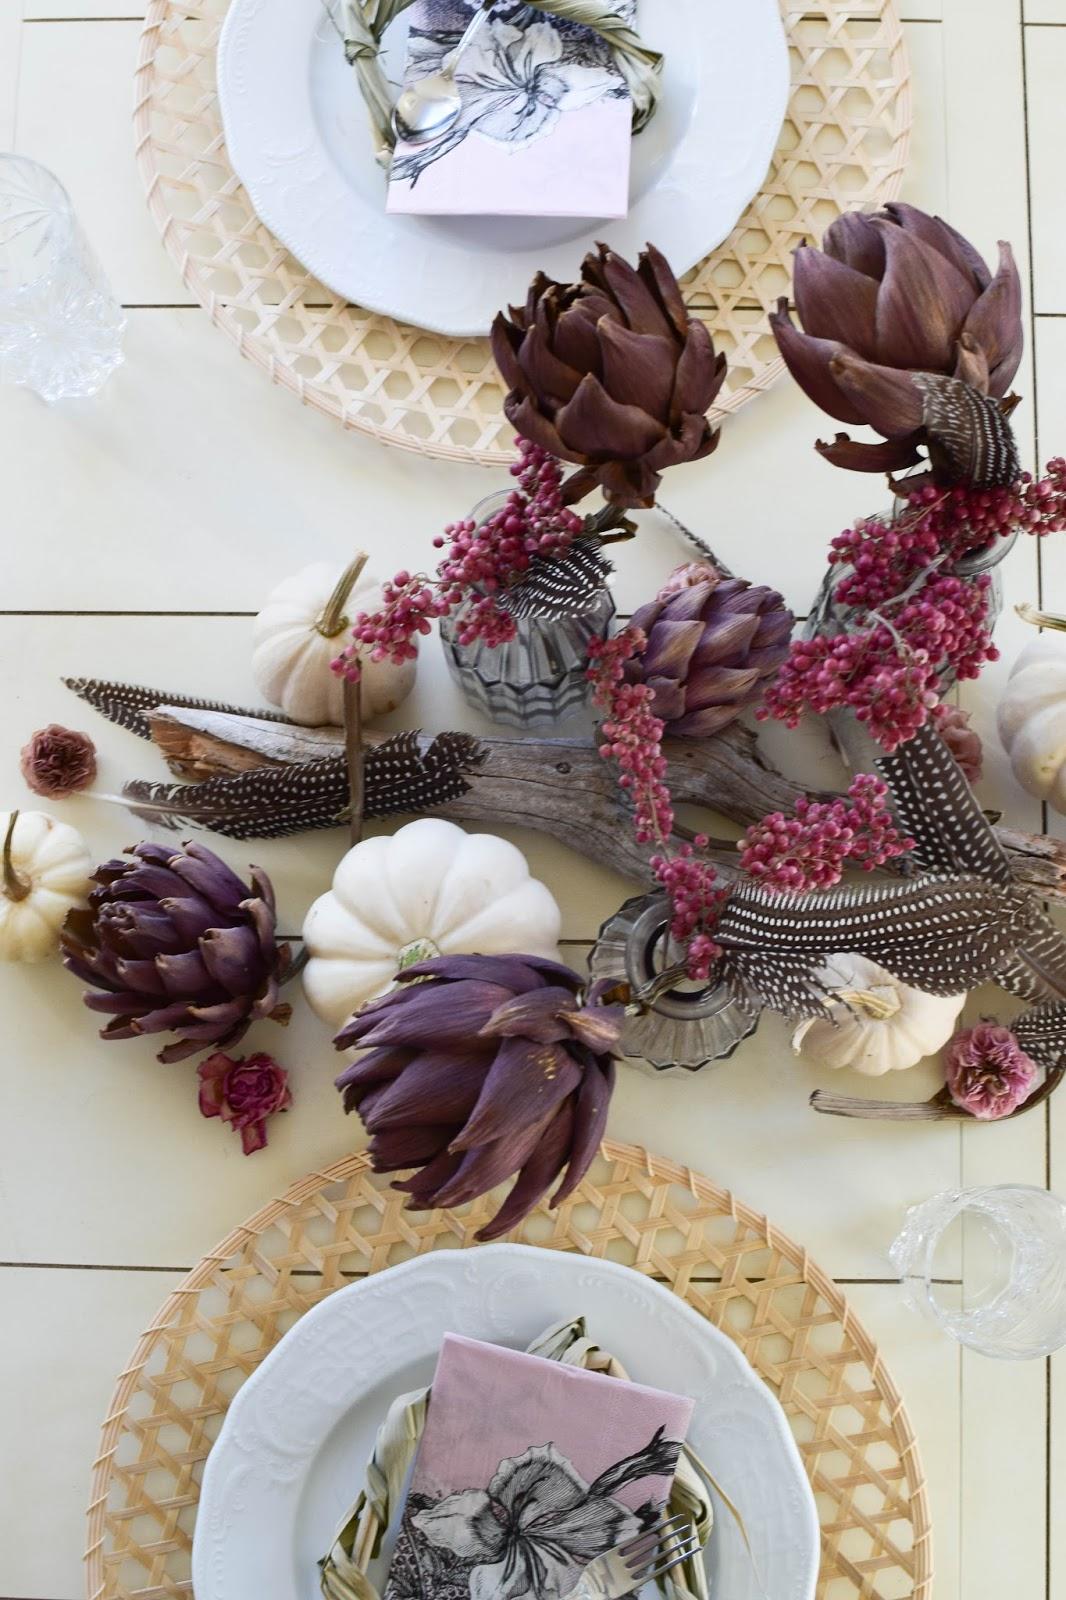 Tischdeko für den Herbst mit Kürbis, Artischocken und Pfefferbeeren. Kürbisdeko Herbstliche Deko, Herbstdeko Esszimmer Tisch Dekoration